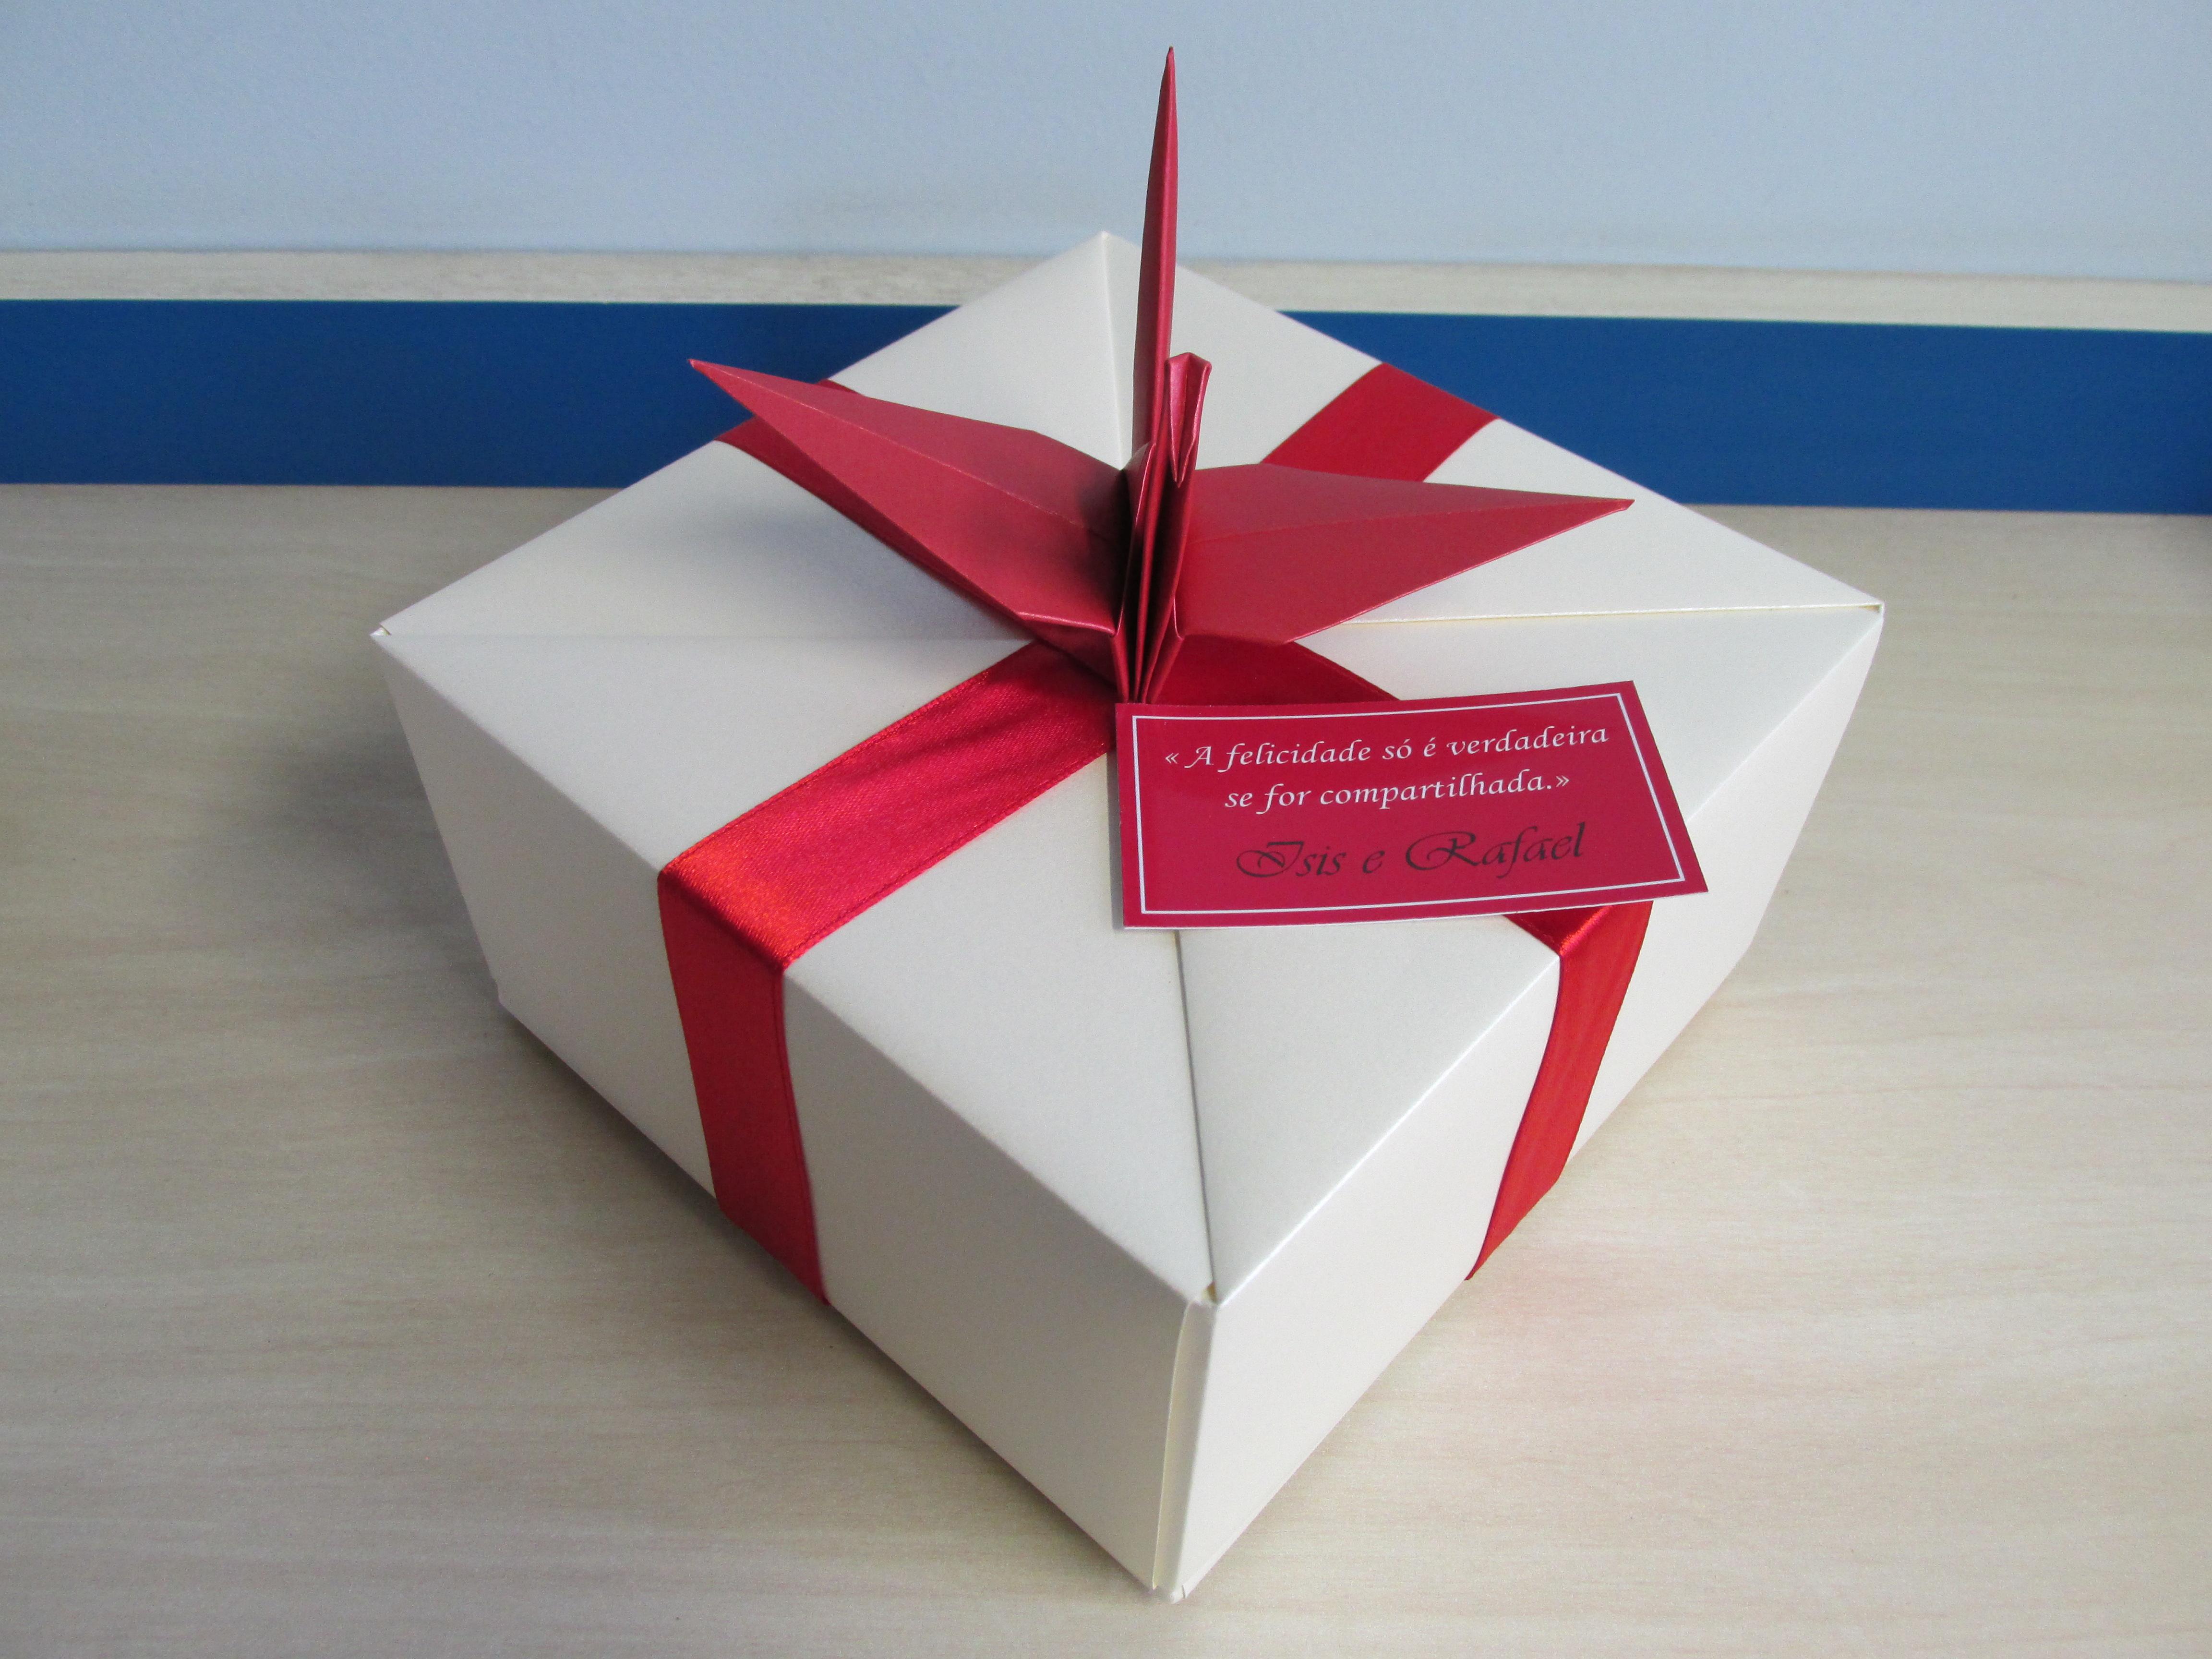 Caixa Origami Com Tsuru No Elo7 Fantasy Atelier 3d6027